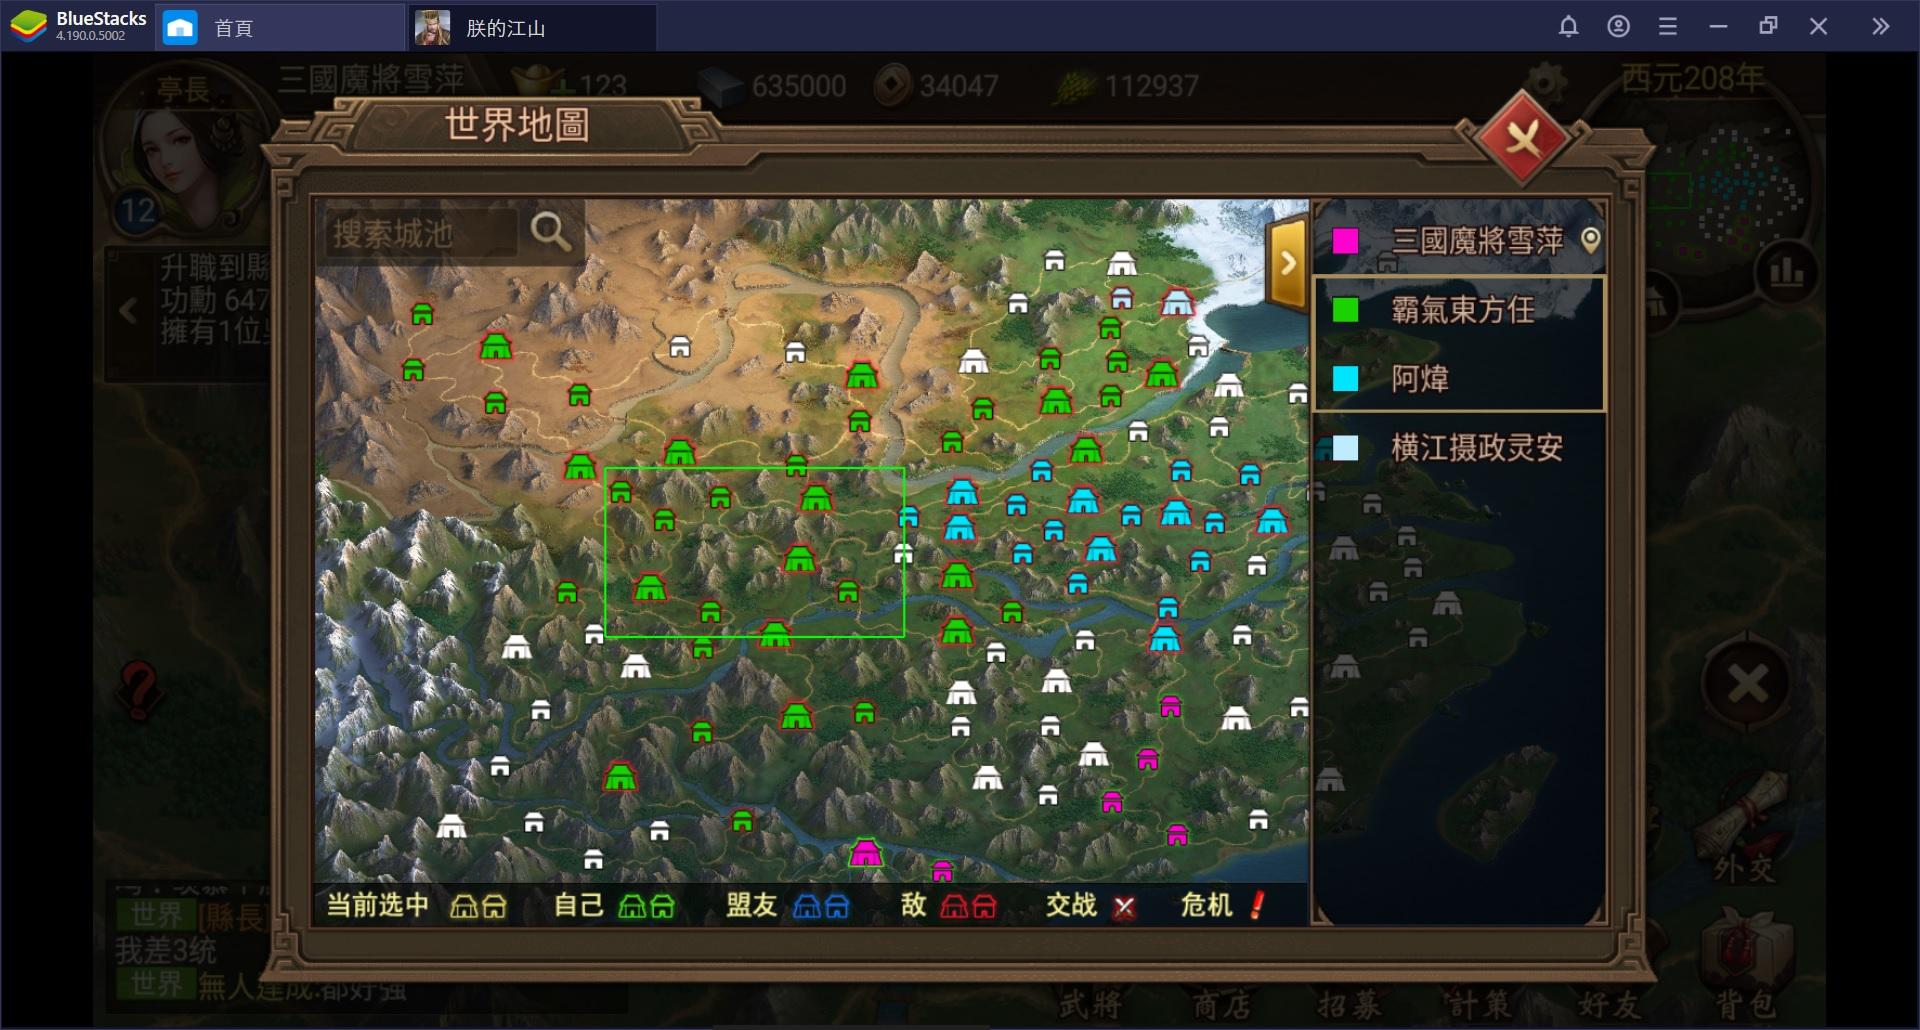 使用BlueStacks在PC上遊玩三國題材SRPG手游《朕的江山》